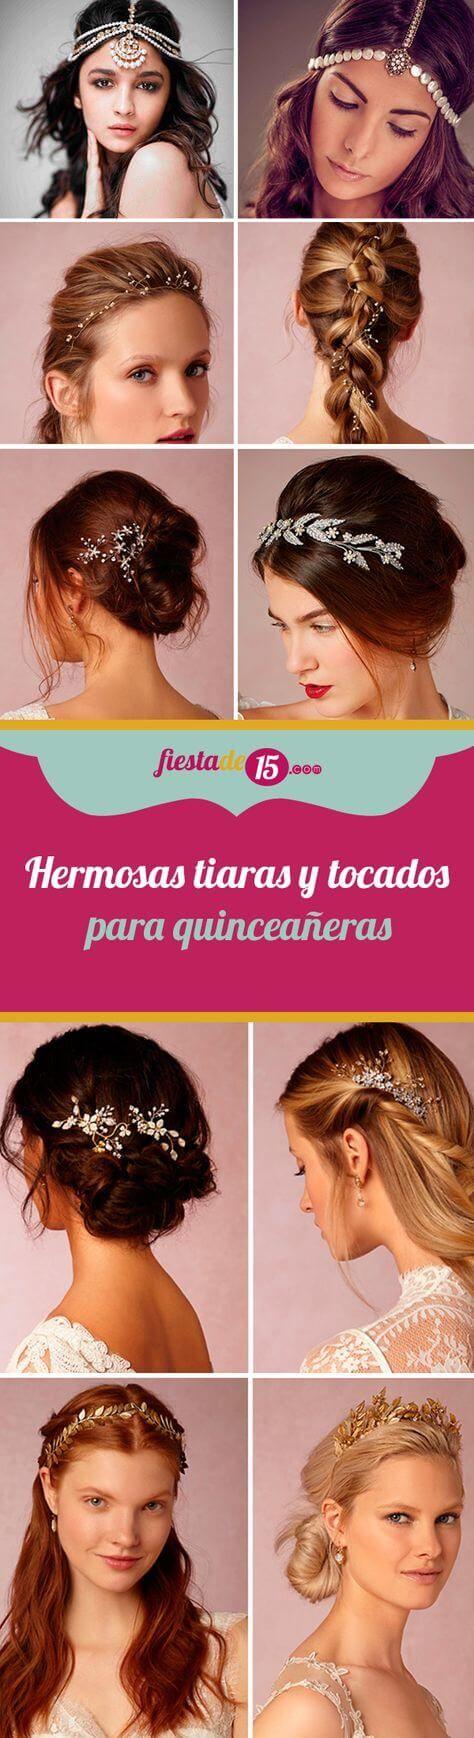 25 best Peinados para Quinceañeras images on Pinterest | Baile de ...